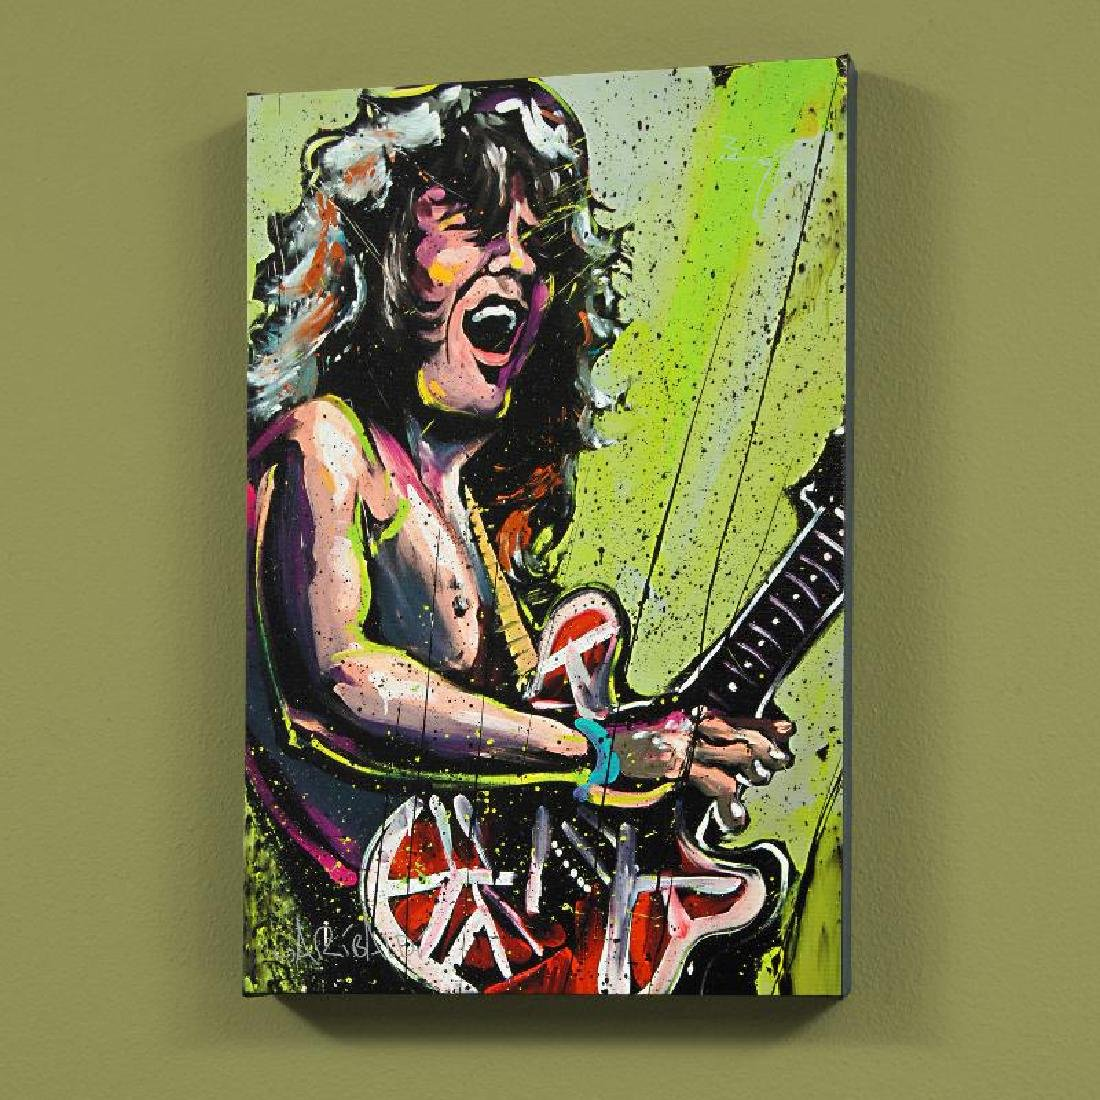 Eddie Van Halen (Eddie) by Garibaldi, David